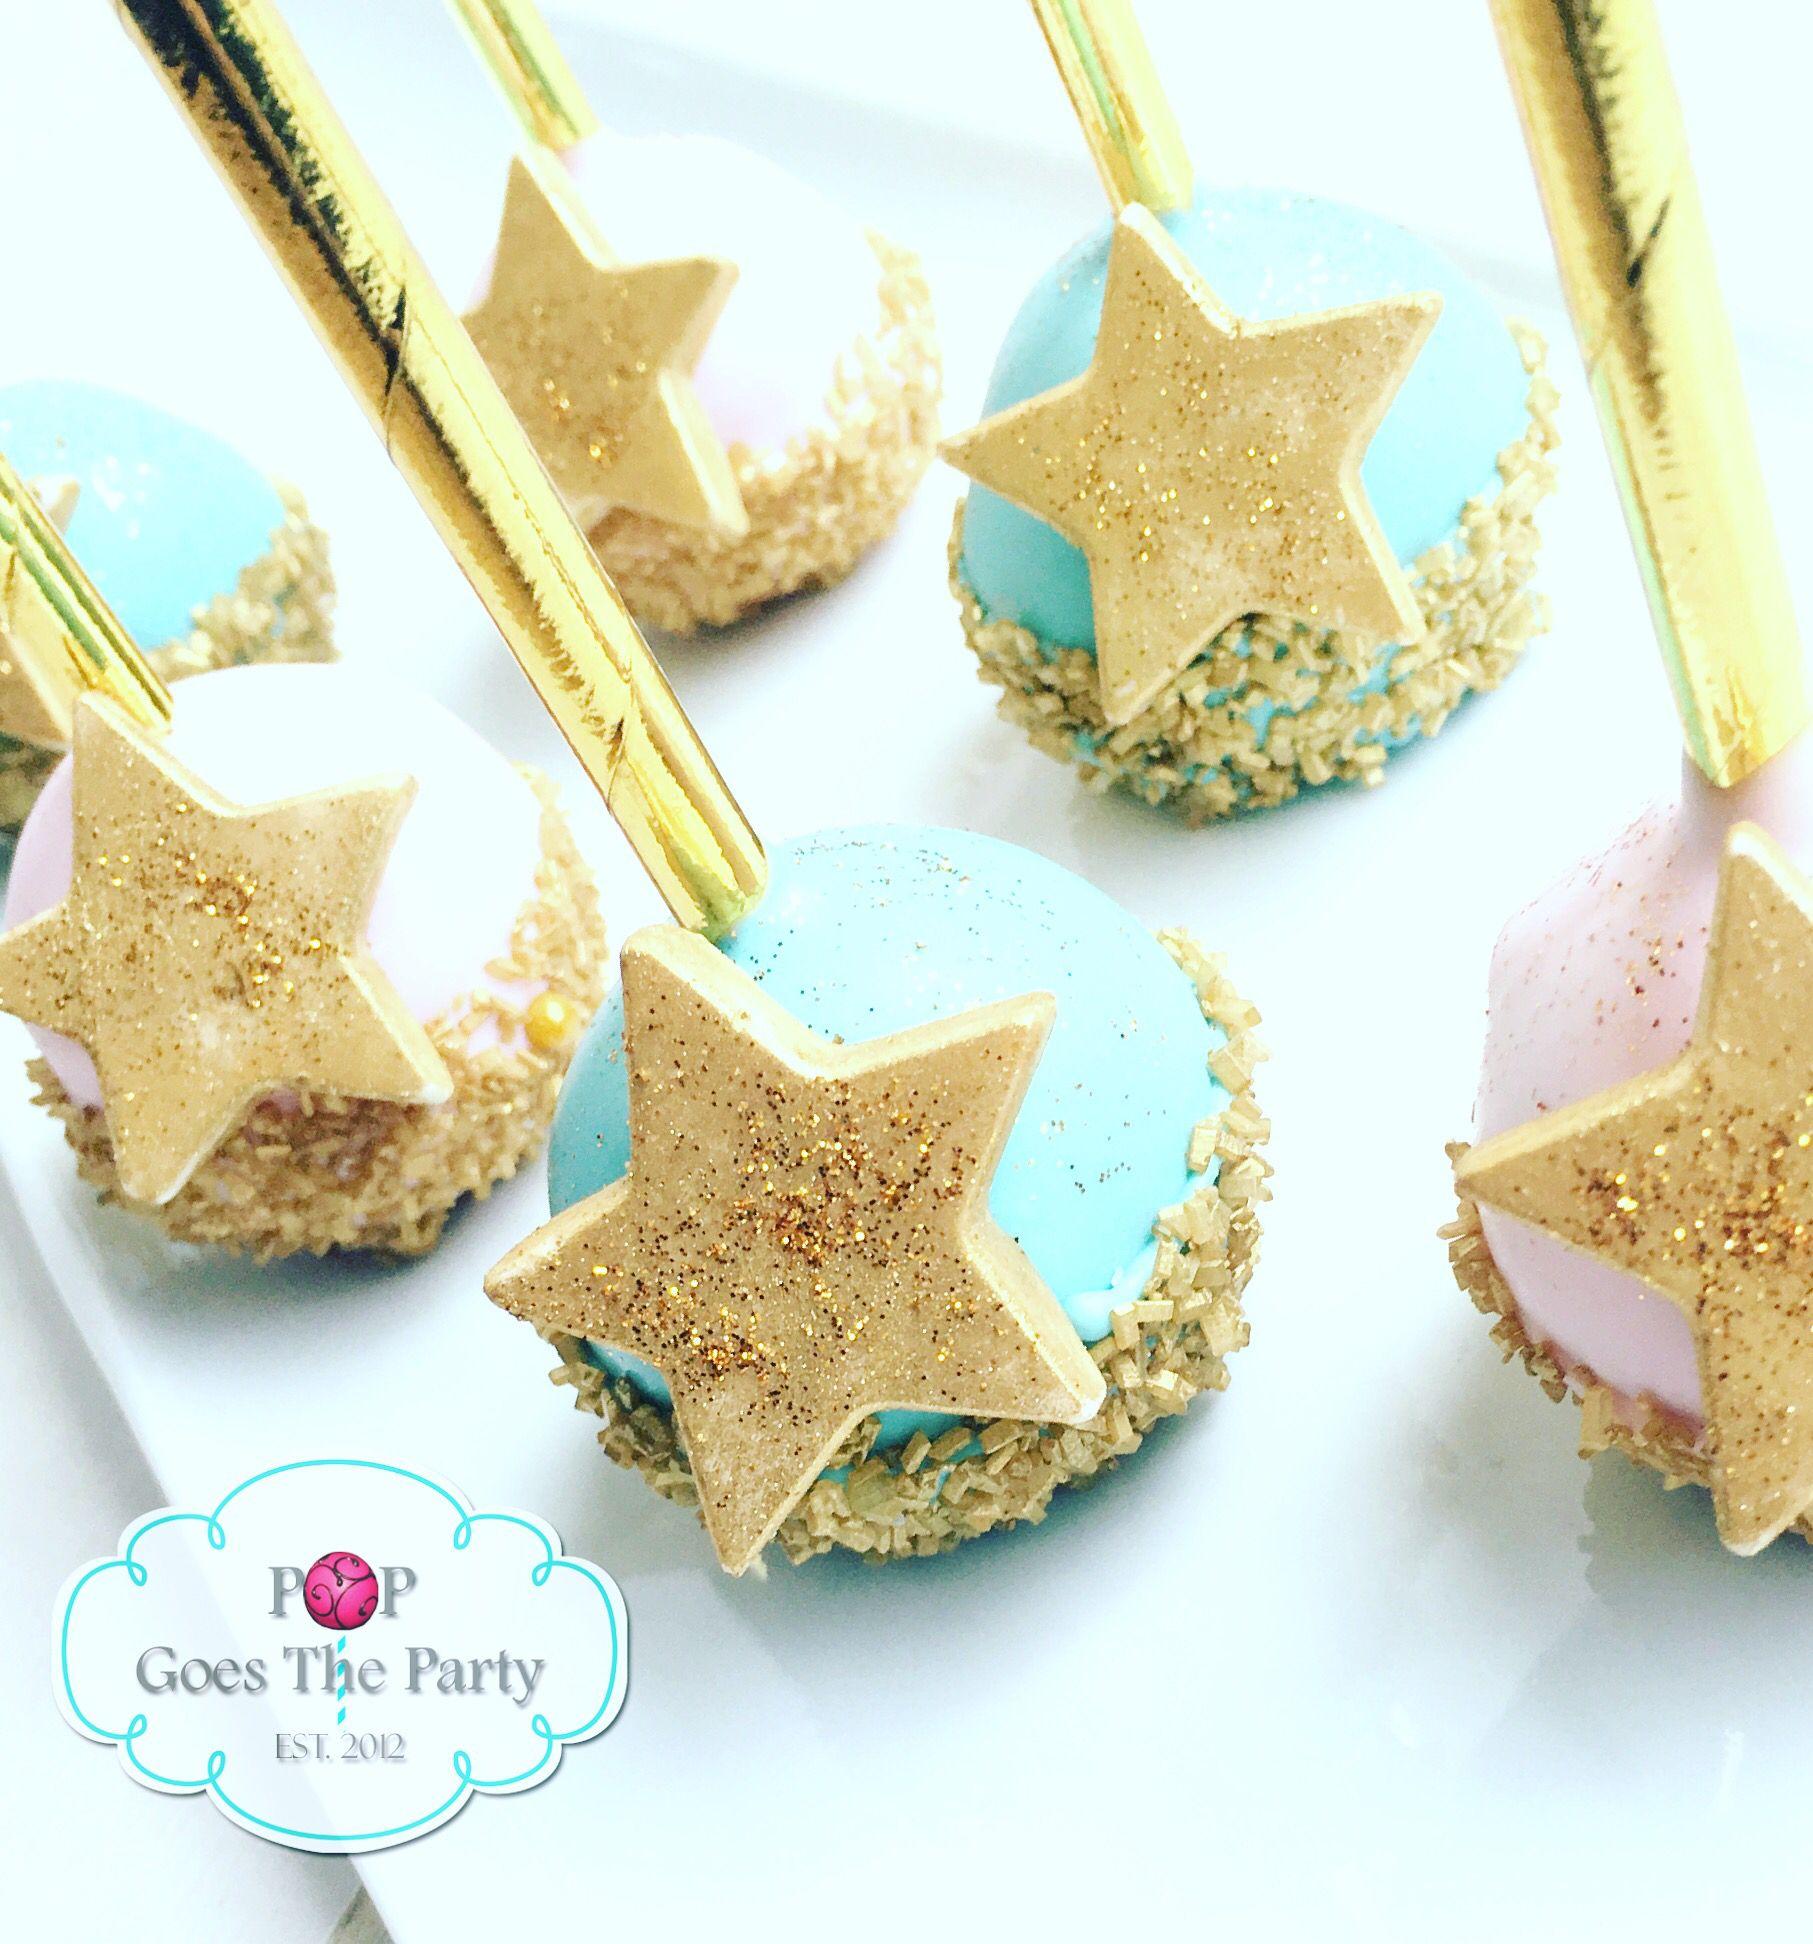 Twinkle Twinkle Little Star Gender Reveal Cake Pops Gender Reveal Cake Pops Star Cake Pops Twinkle Twinkle Gender Reveal